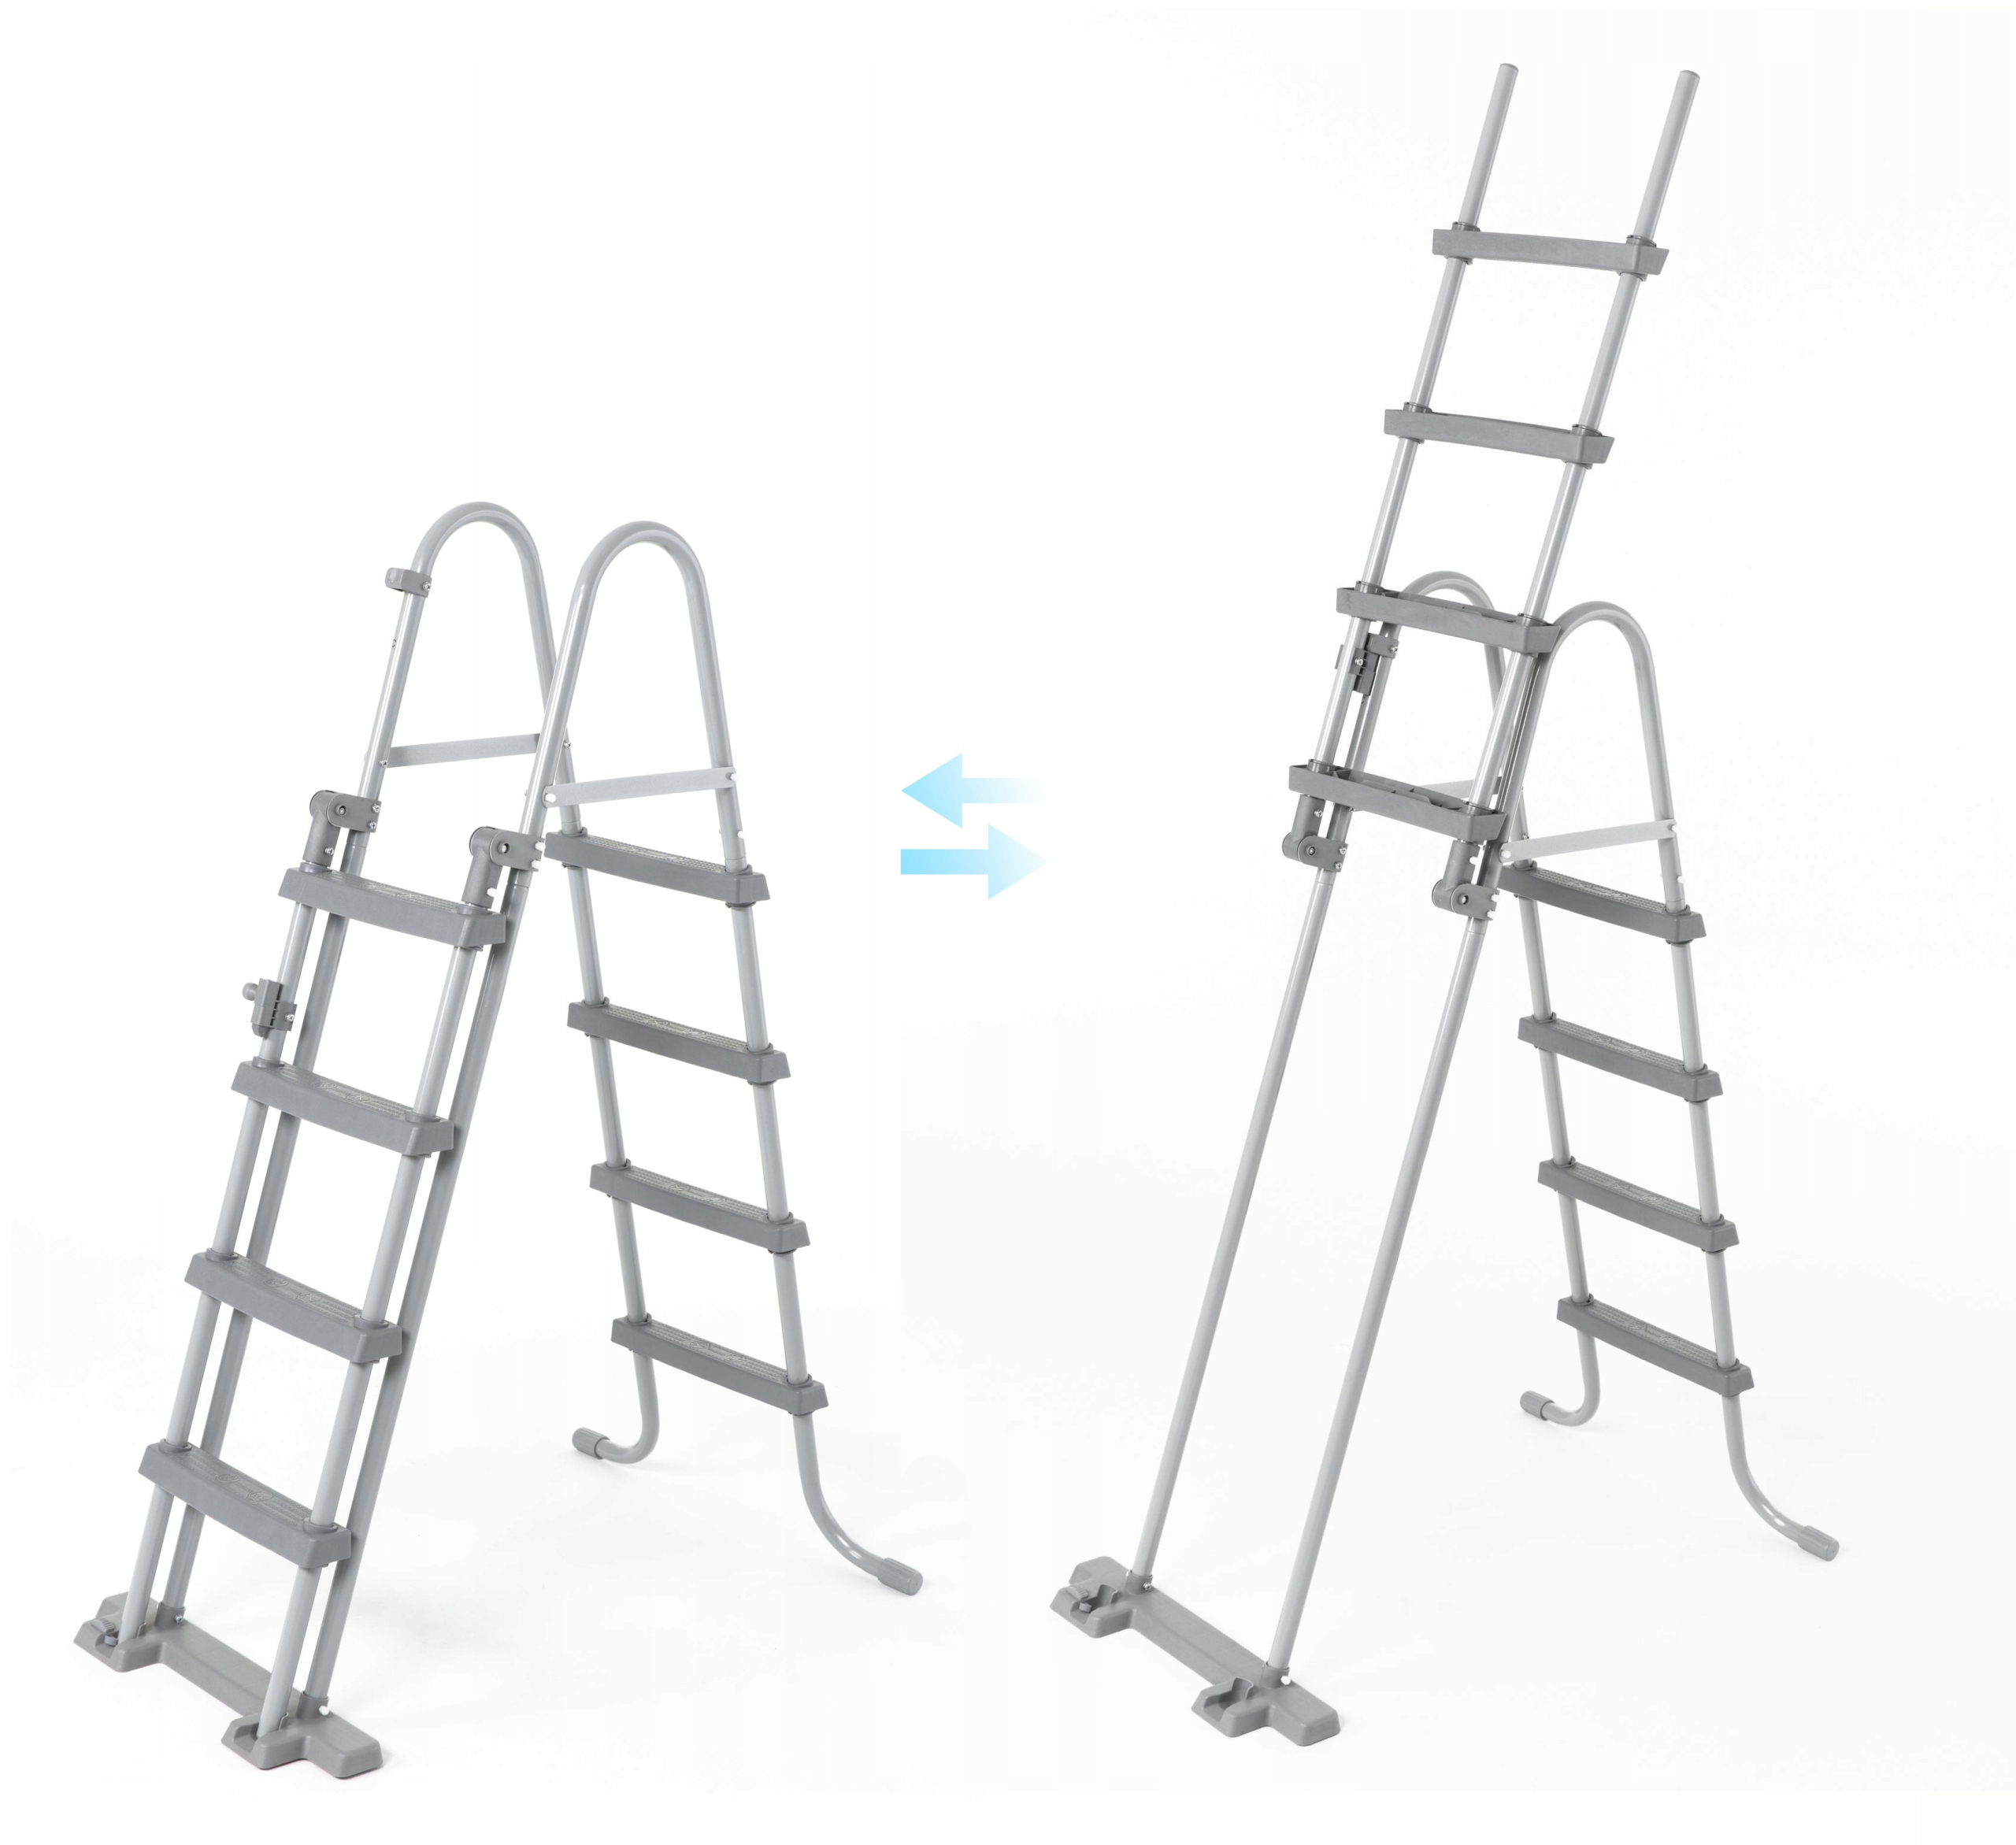 Bezpieczna DRABINKA DO BASENÓW 122cm BESTWAY 58331 Wysokość 122 cm